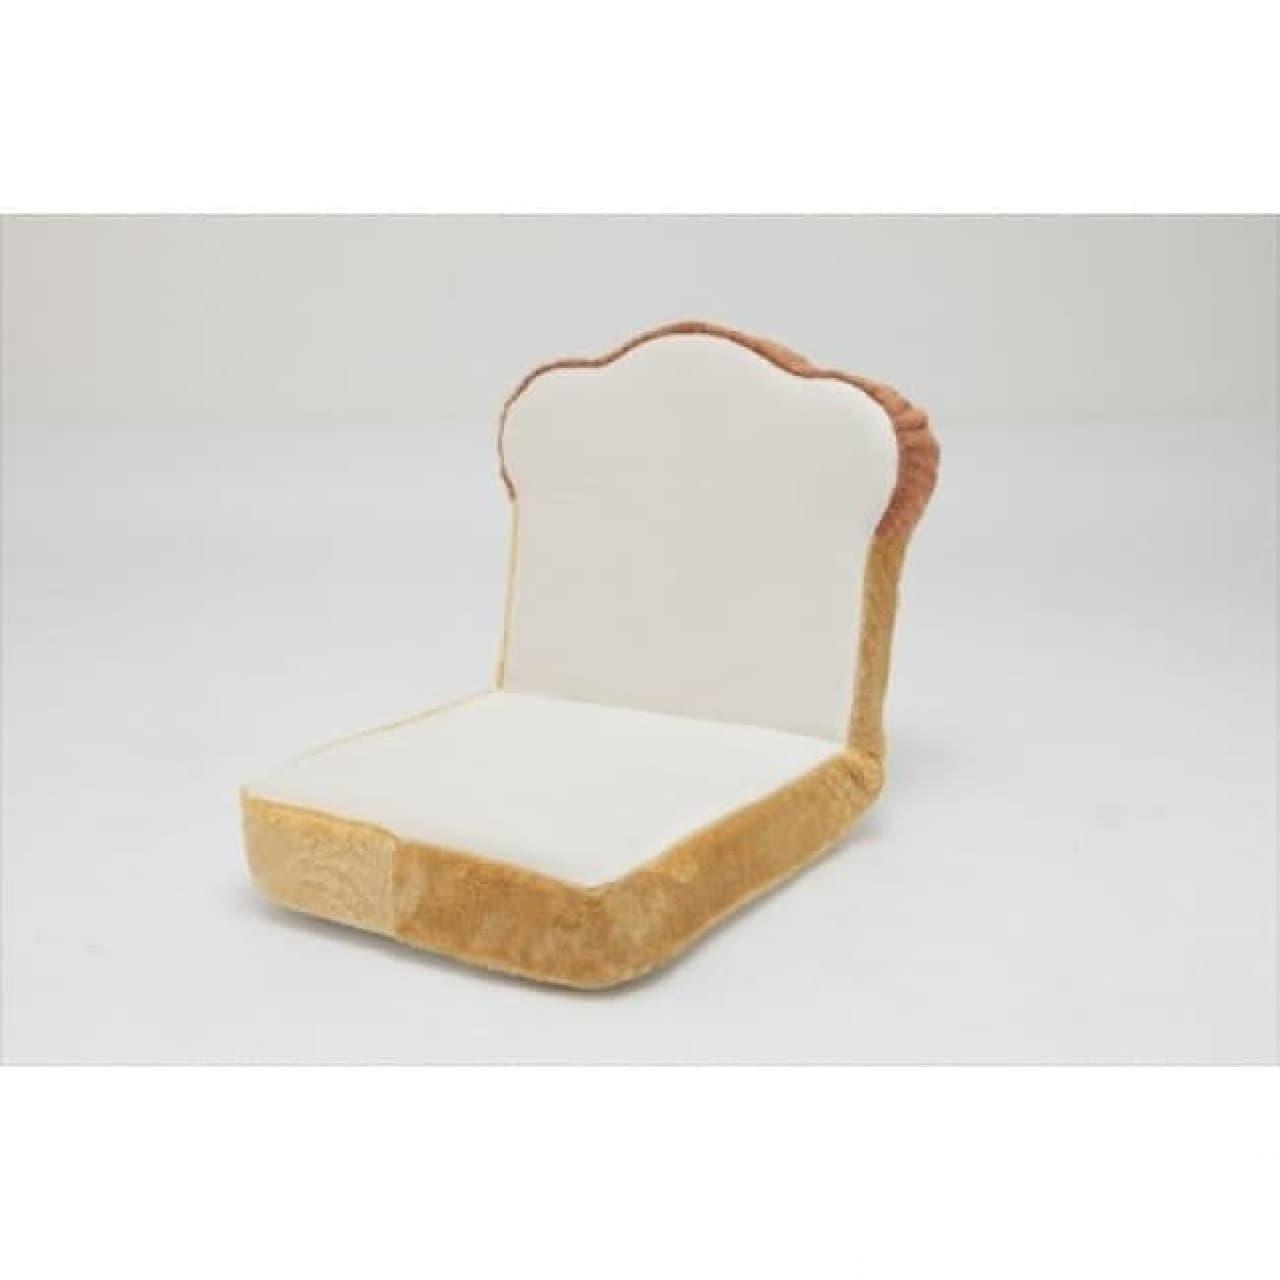 ヴィレッジヴァンガードの食パン福袋2018